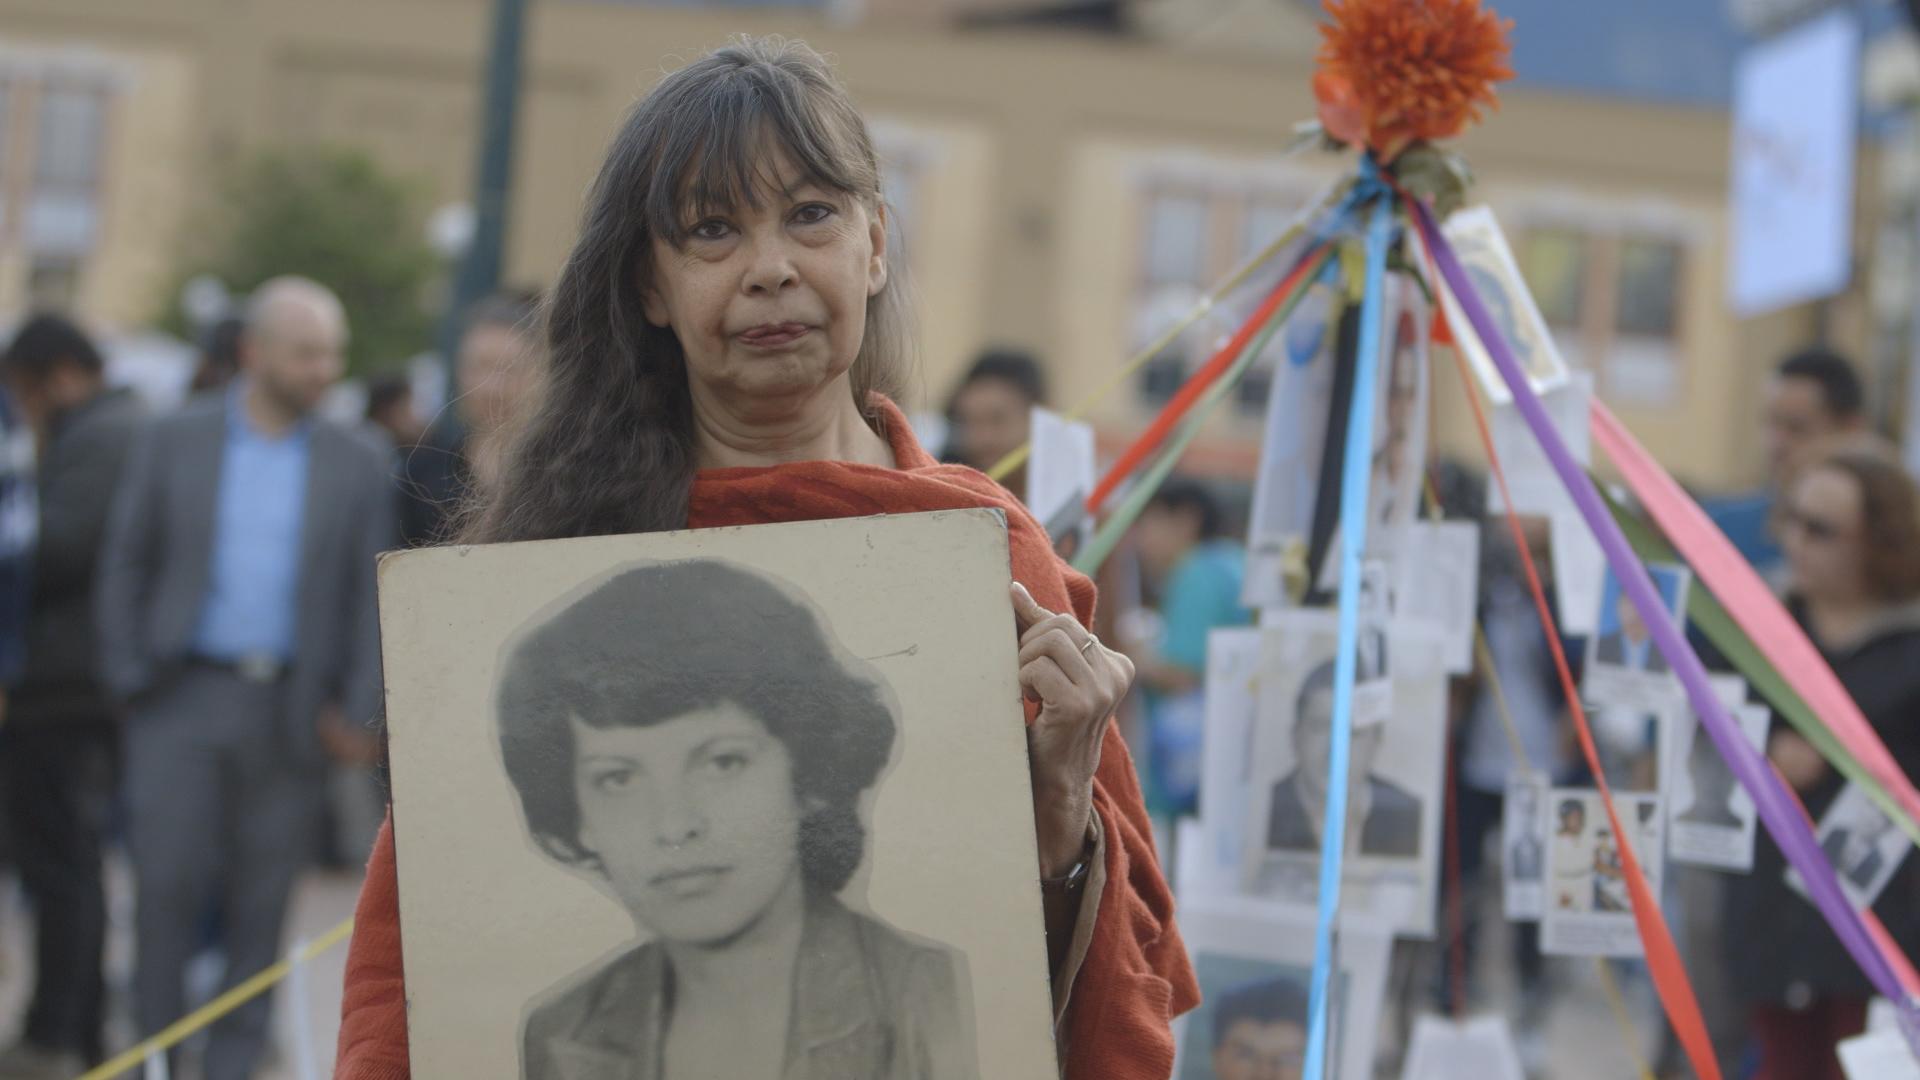 La lucha de cientos de mujeres que buscan a sus desaparecidos